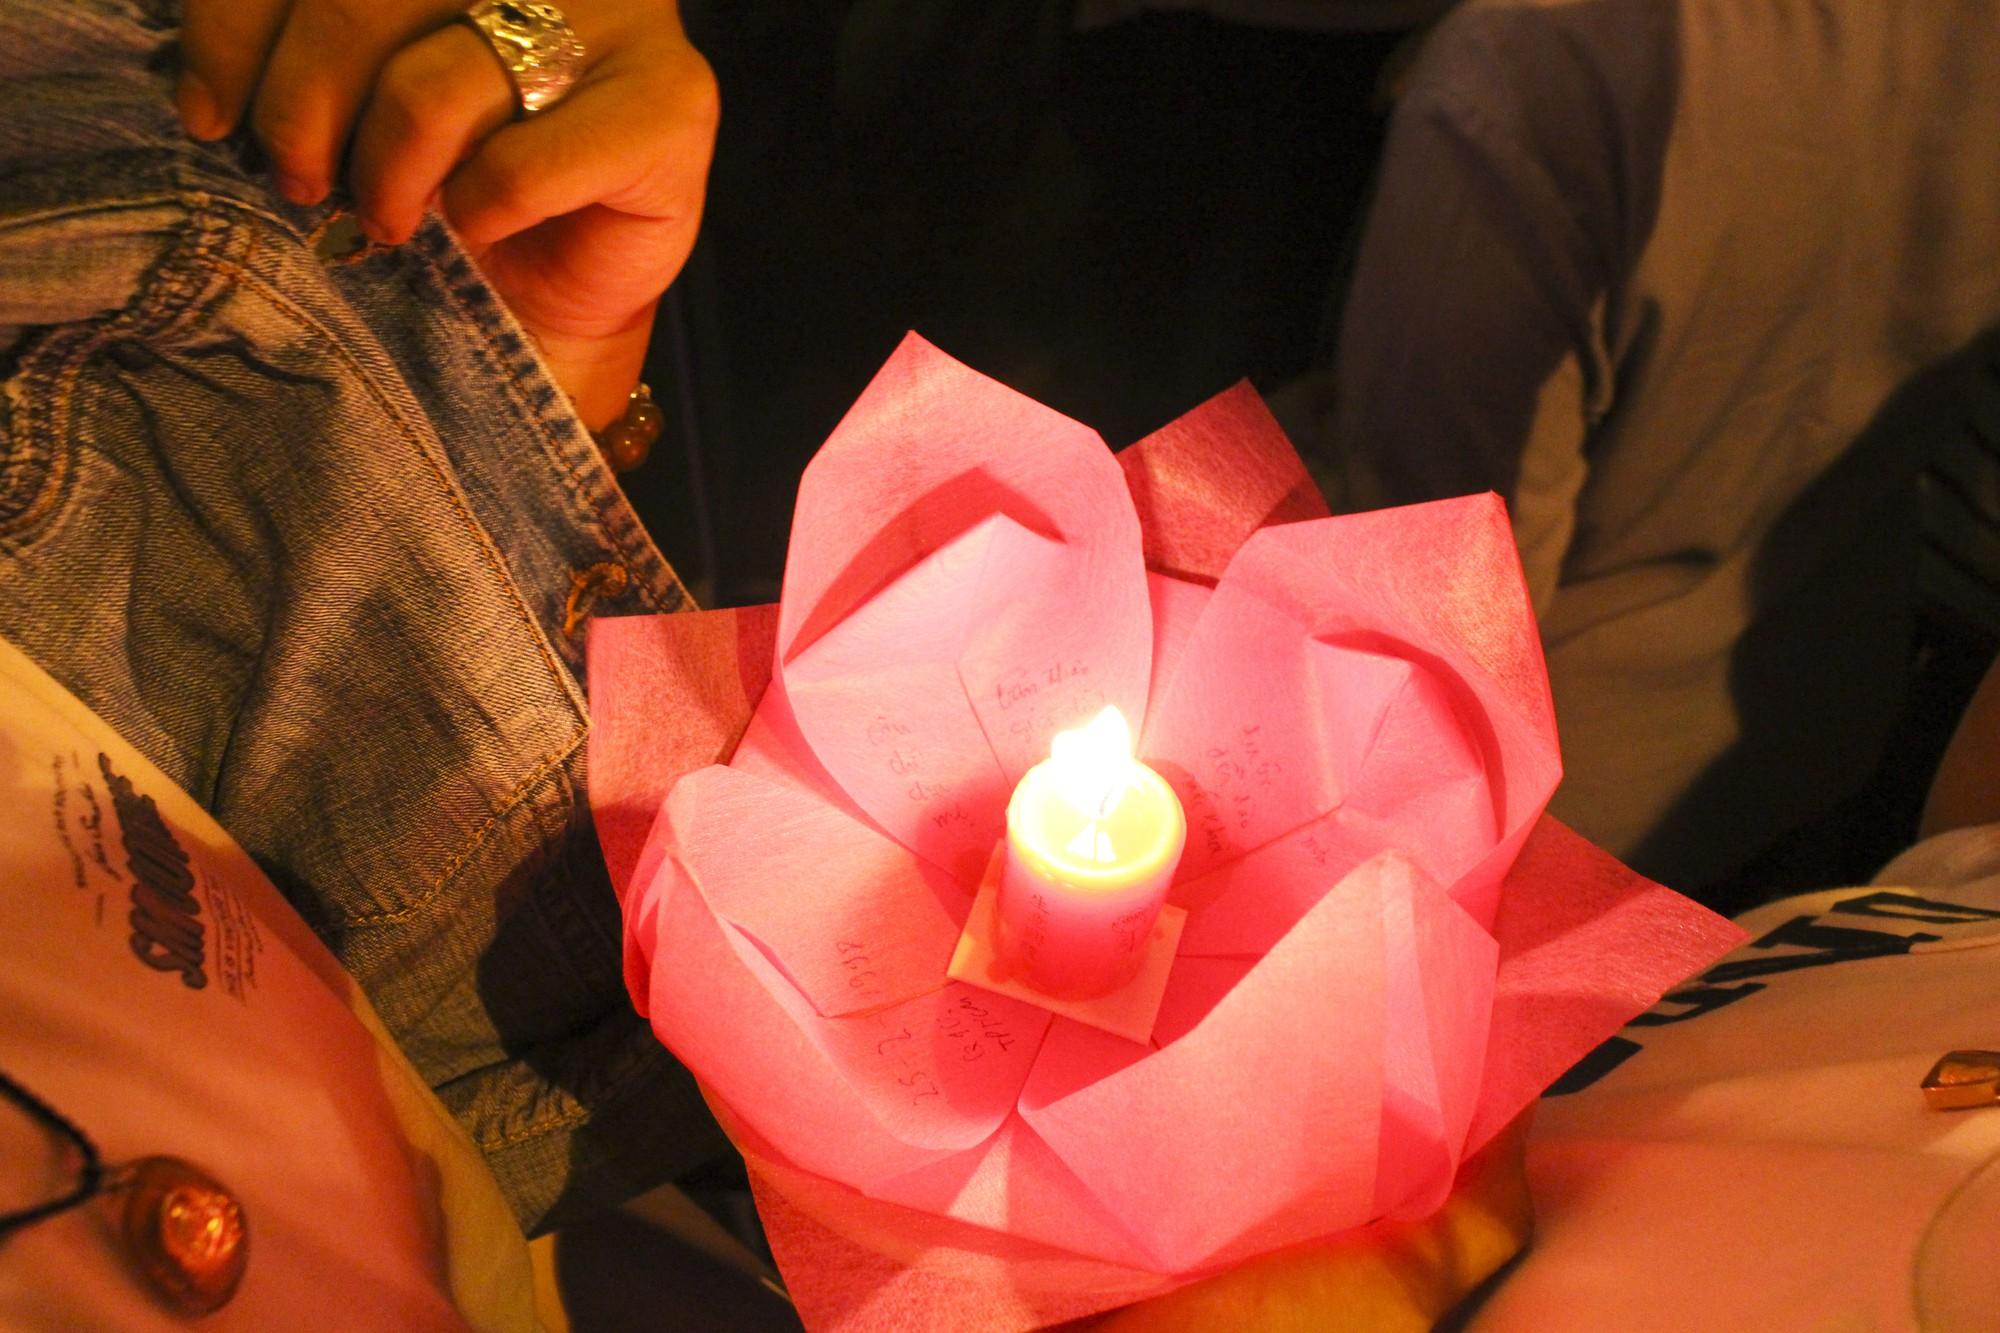 Chùa Pháp Hoa lung linh ngọn đèn hoa đăng ngày lễ Phật Đản - Ảnh 10.